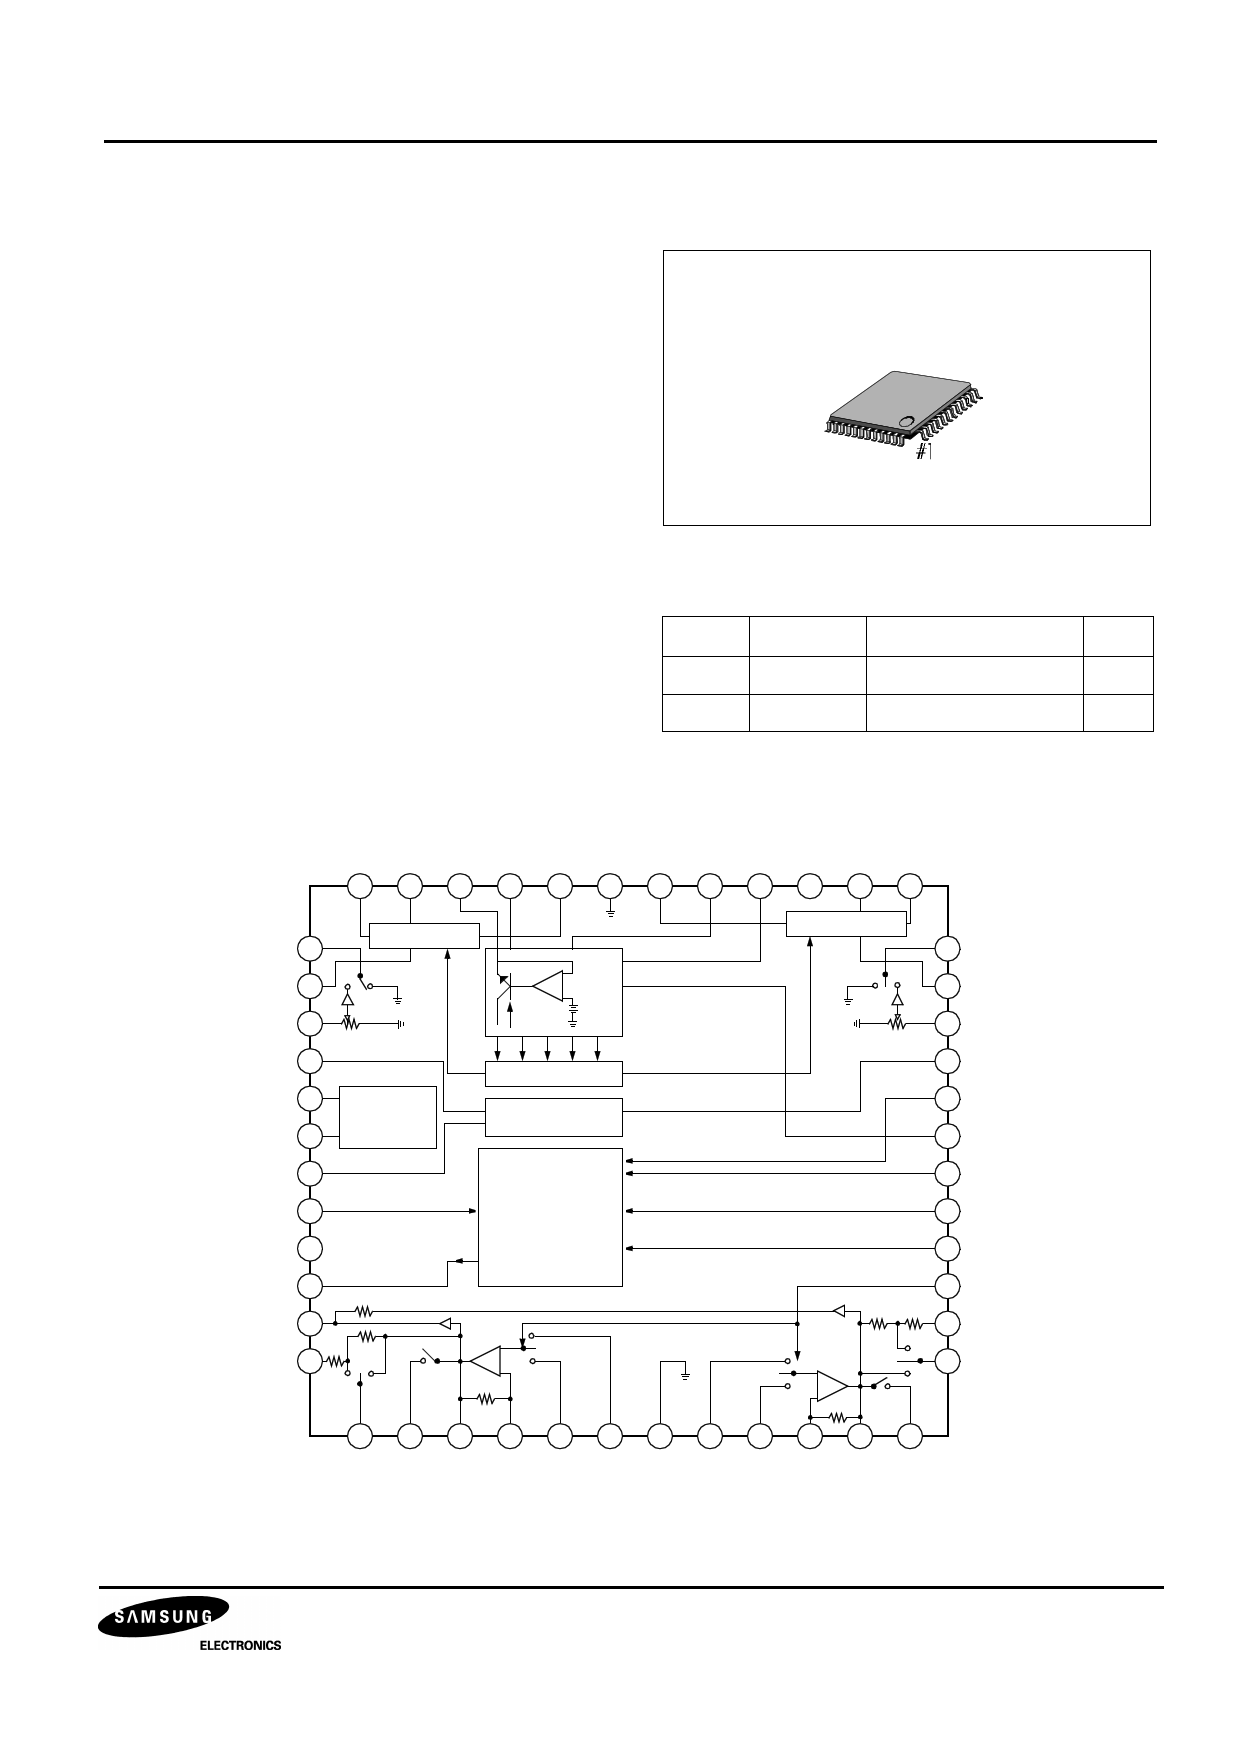 KA22292 دیتاشیت PDF